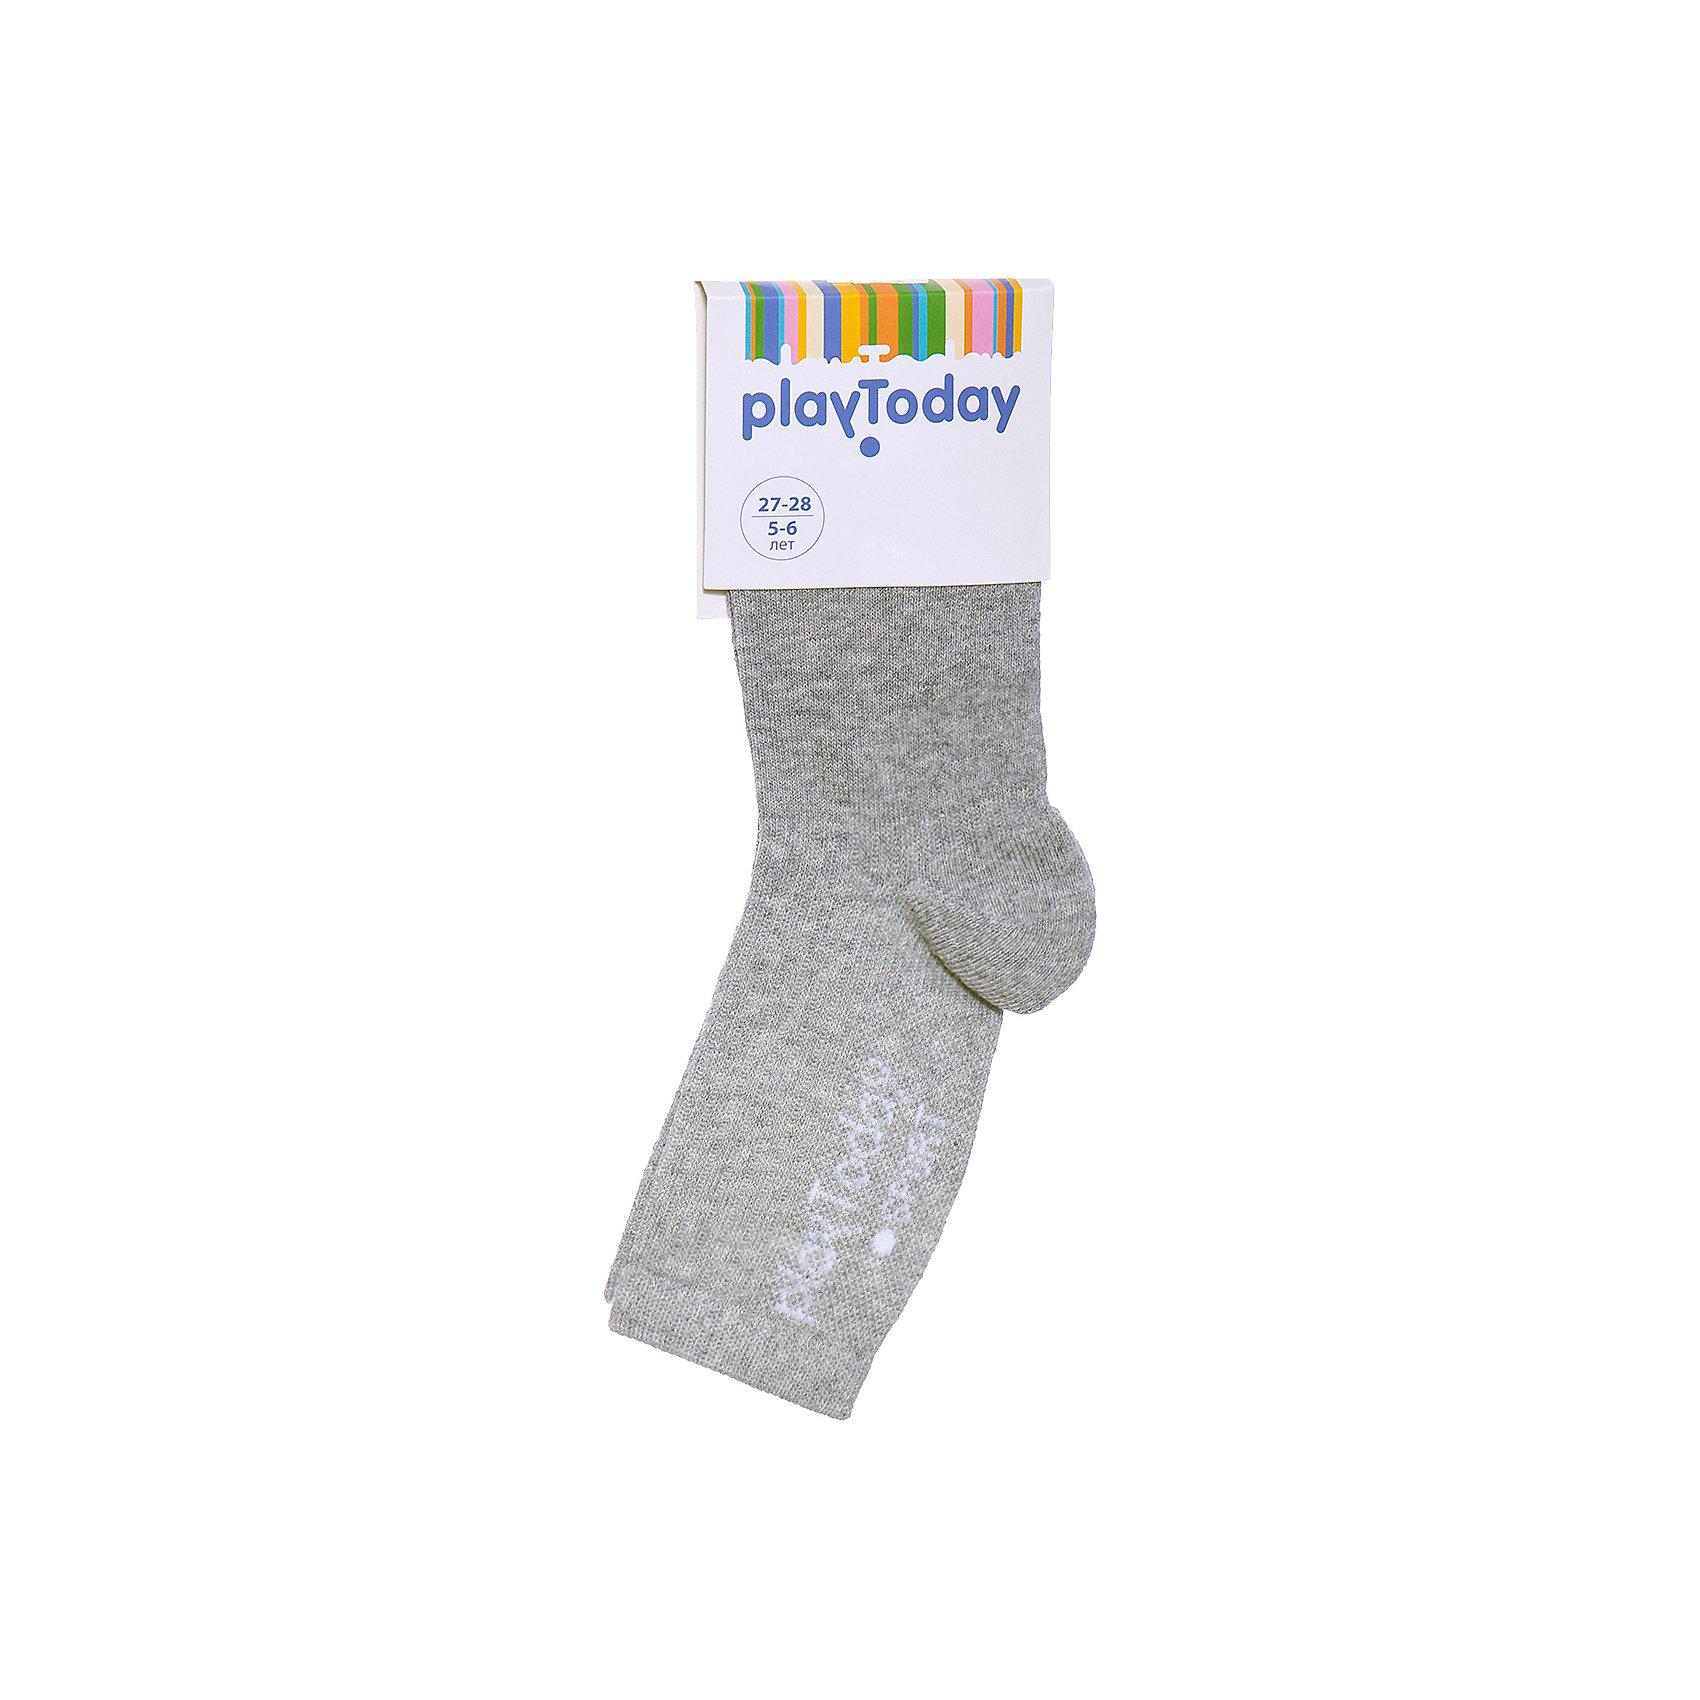 Носки для мальчика PlayTodayНоски<br>Носки для мальчика от известного бренда PlayToday.<br>Уютные хлопковые носочки на каждый день. Верх на мягкой резинке.<br>Состав:<br>75% хлопок, 22% нейлон, 3% эластан<br><br>Ширина мм: 87<br>Глубина мм: 10<br>Высота мм: 105<br>Вес г: 115<br>Цвет: серый<br>Возраст от месяцев: 15<br>Возраст до месяцев: 24<br>Пол: Мужской<br>Возраст: Детский<br>Размер: 14,20,16,18<br>SKU: 4897905